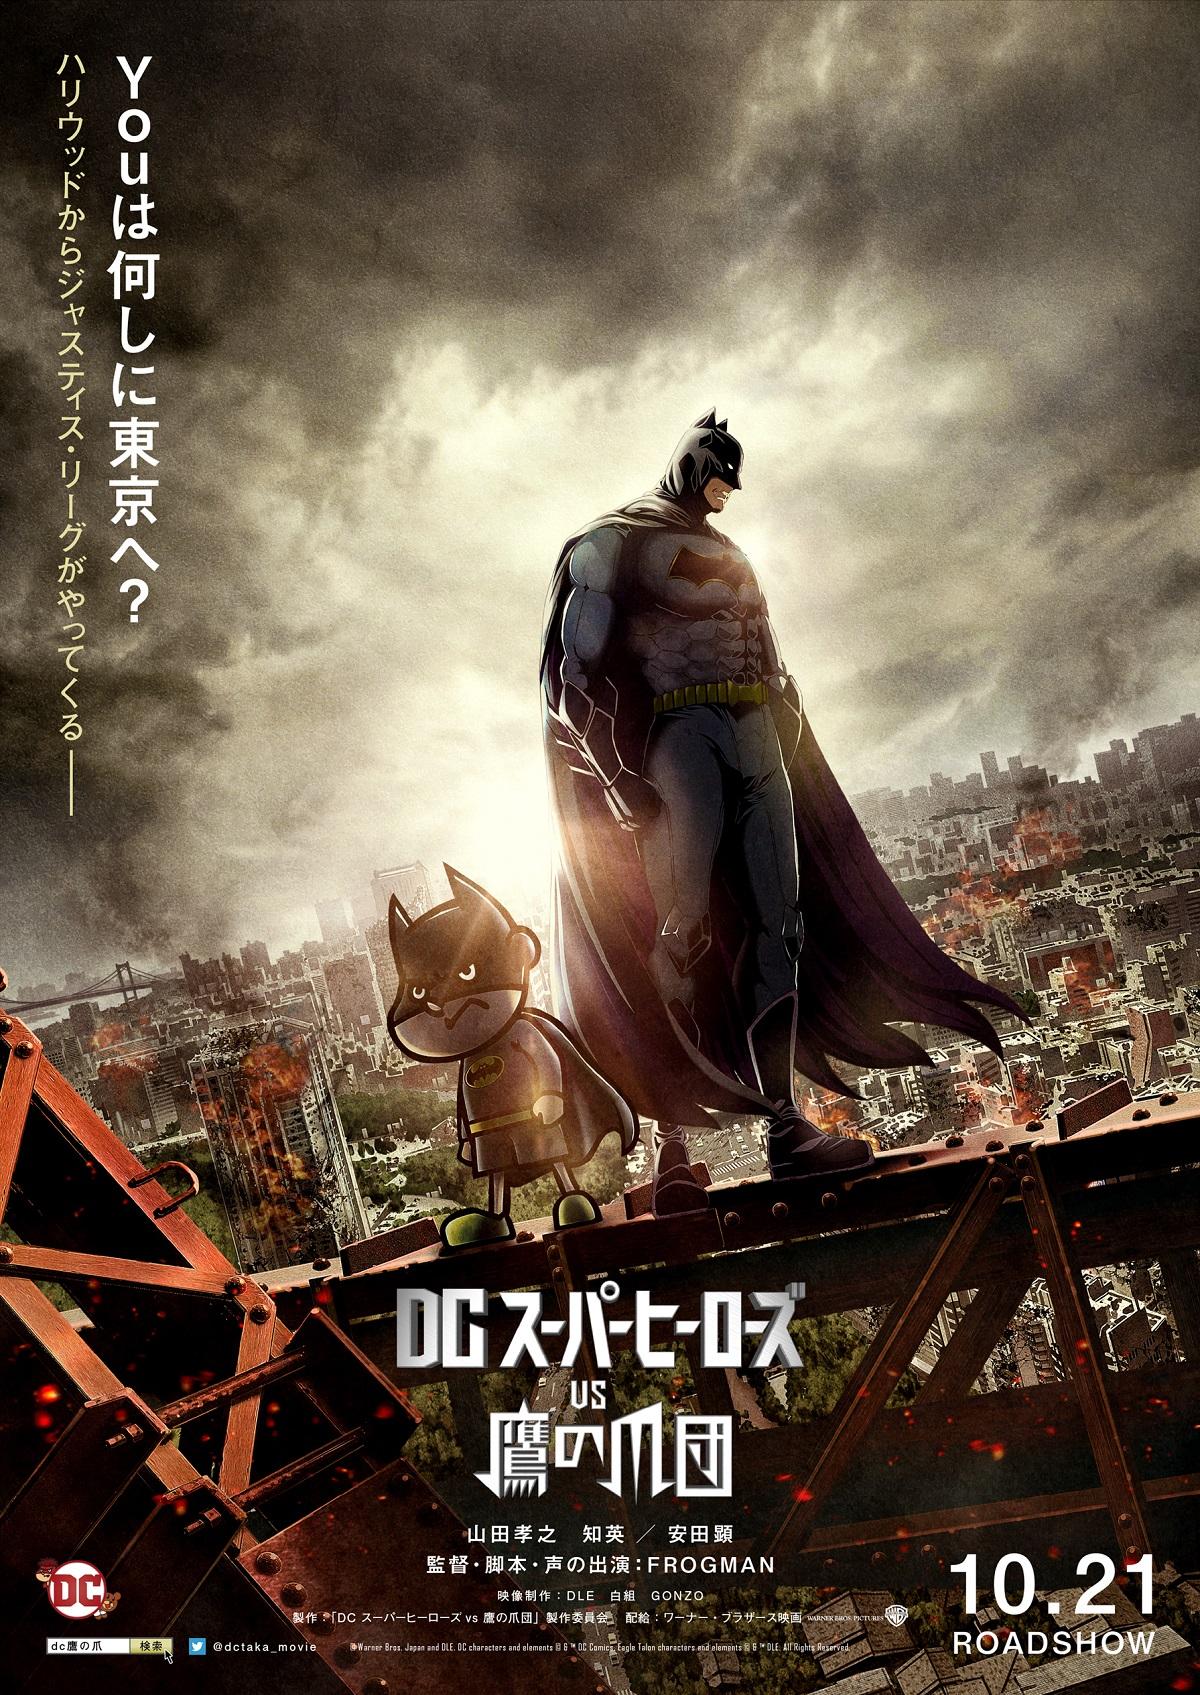 『DCスーパーヒーローズvs鷹の爪団』ティザービジュアルm